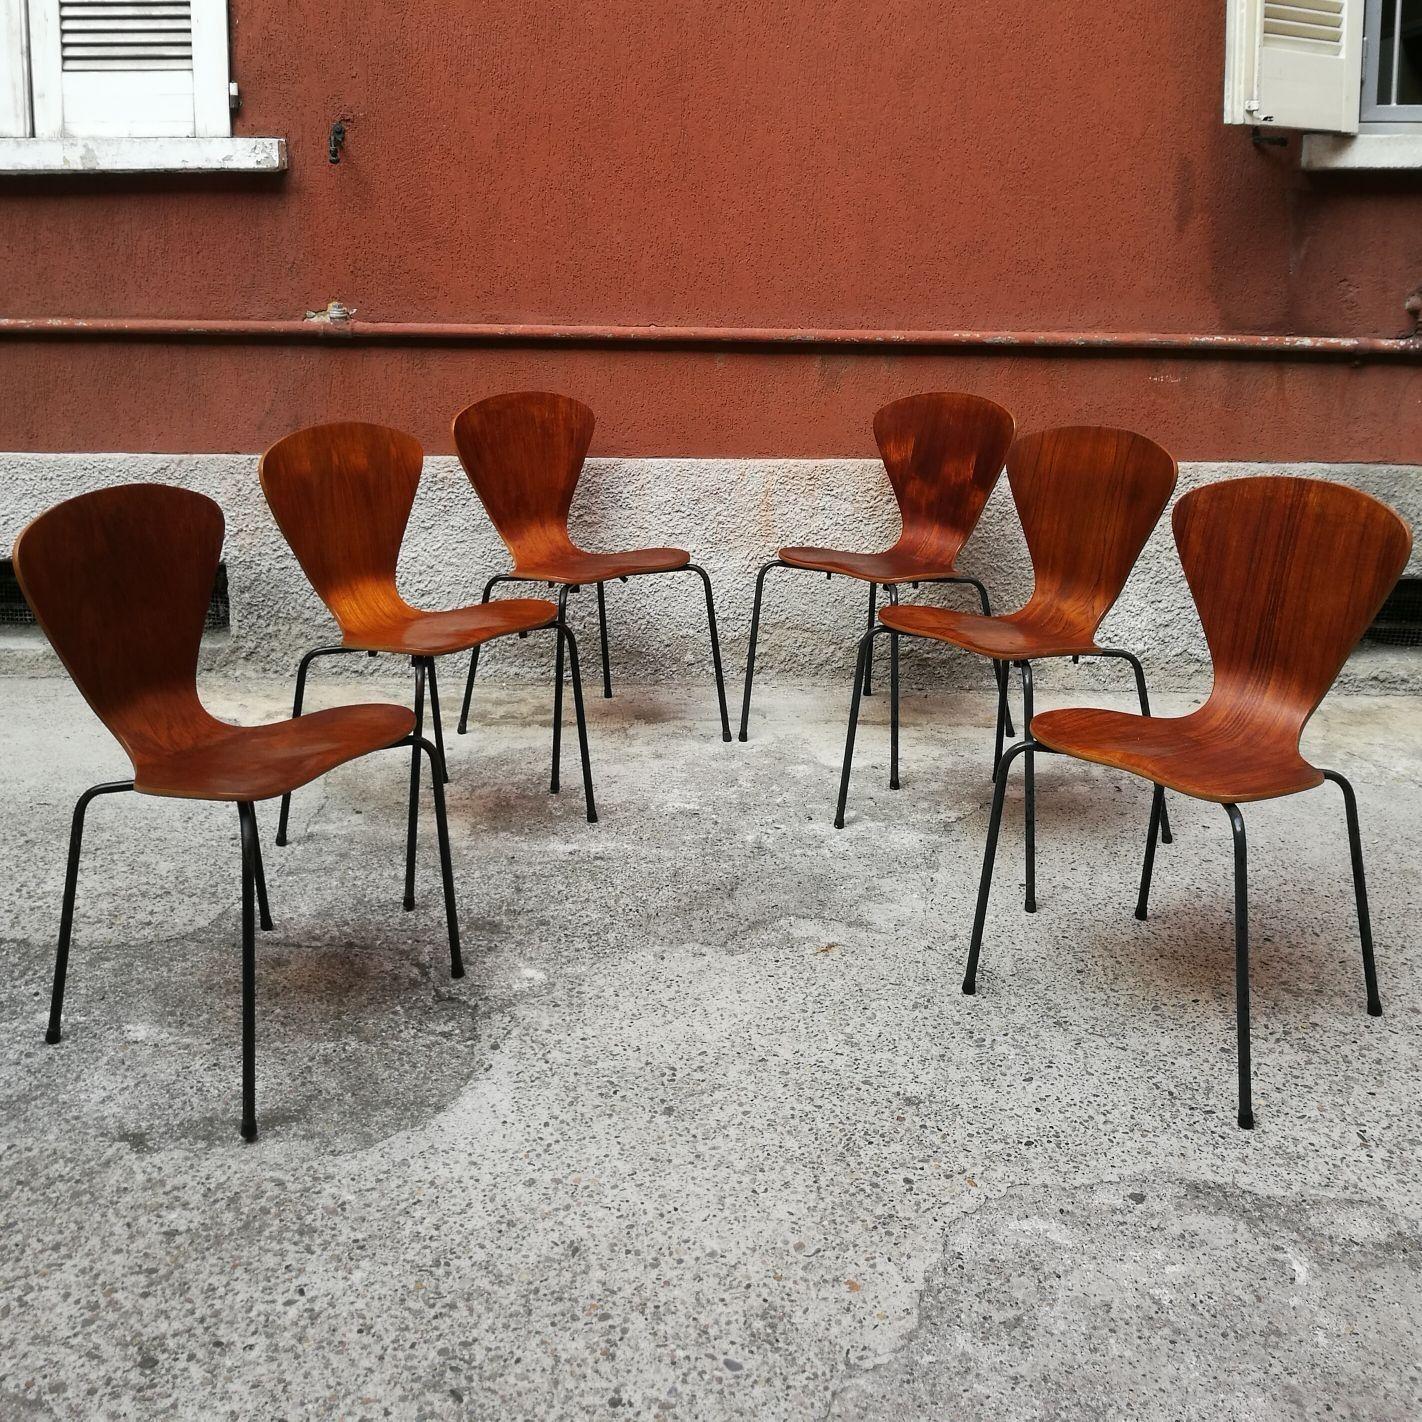 Sedie In Legno Curvato.Set Di 6 Sedie In Legno Curvato Con Zampe In Metallo Verniciato